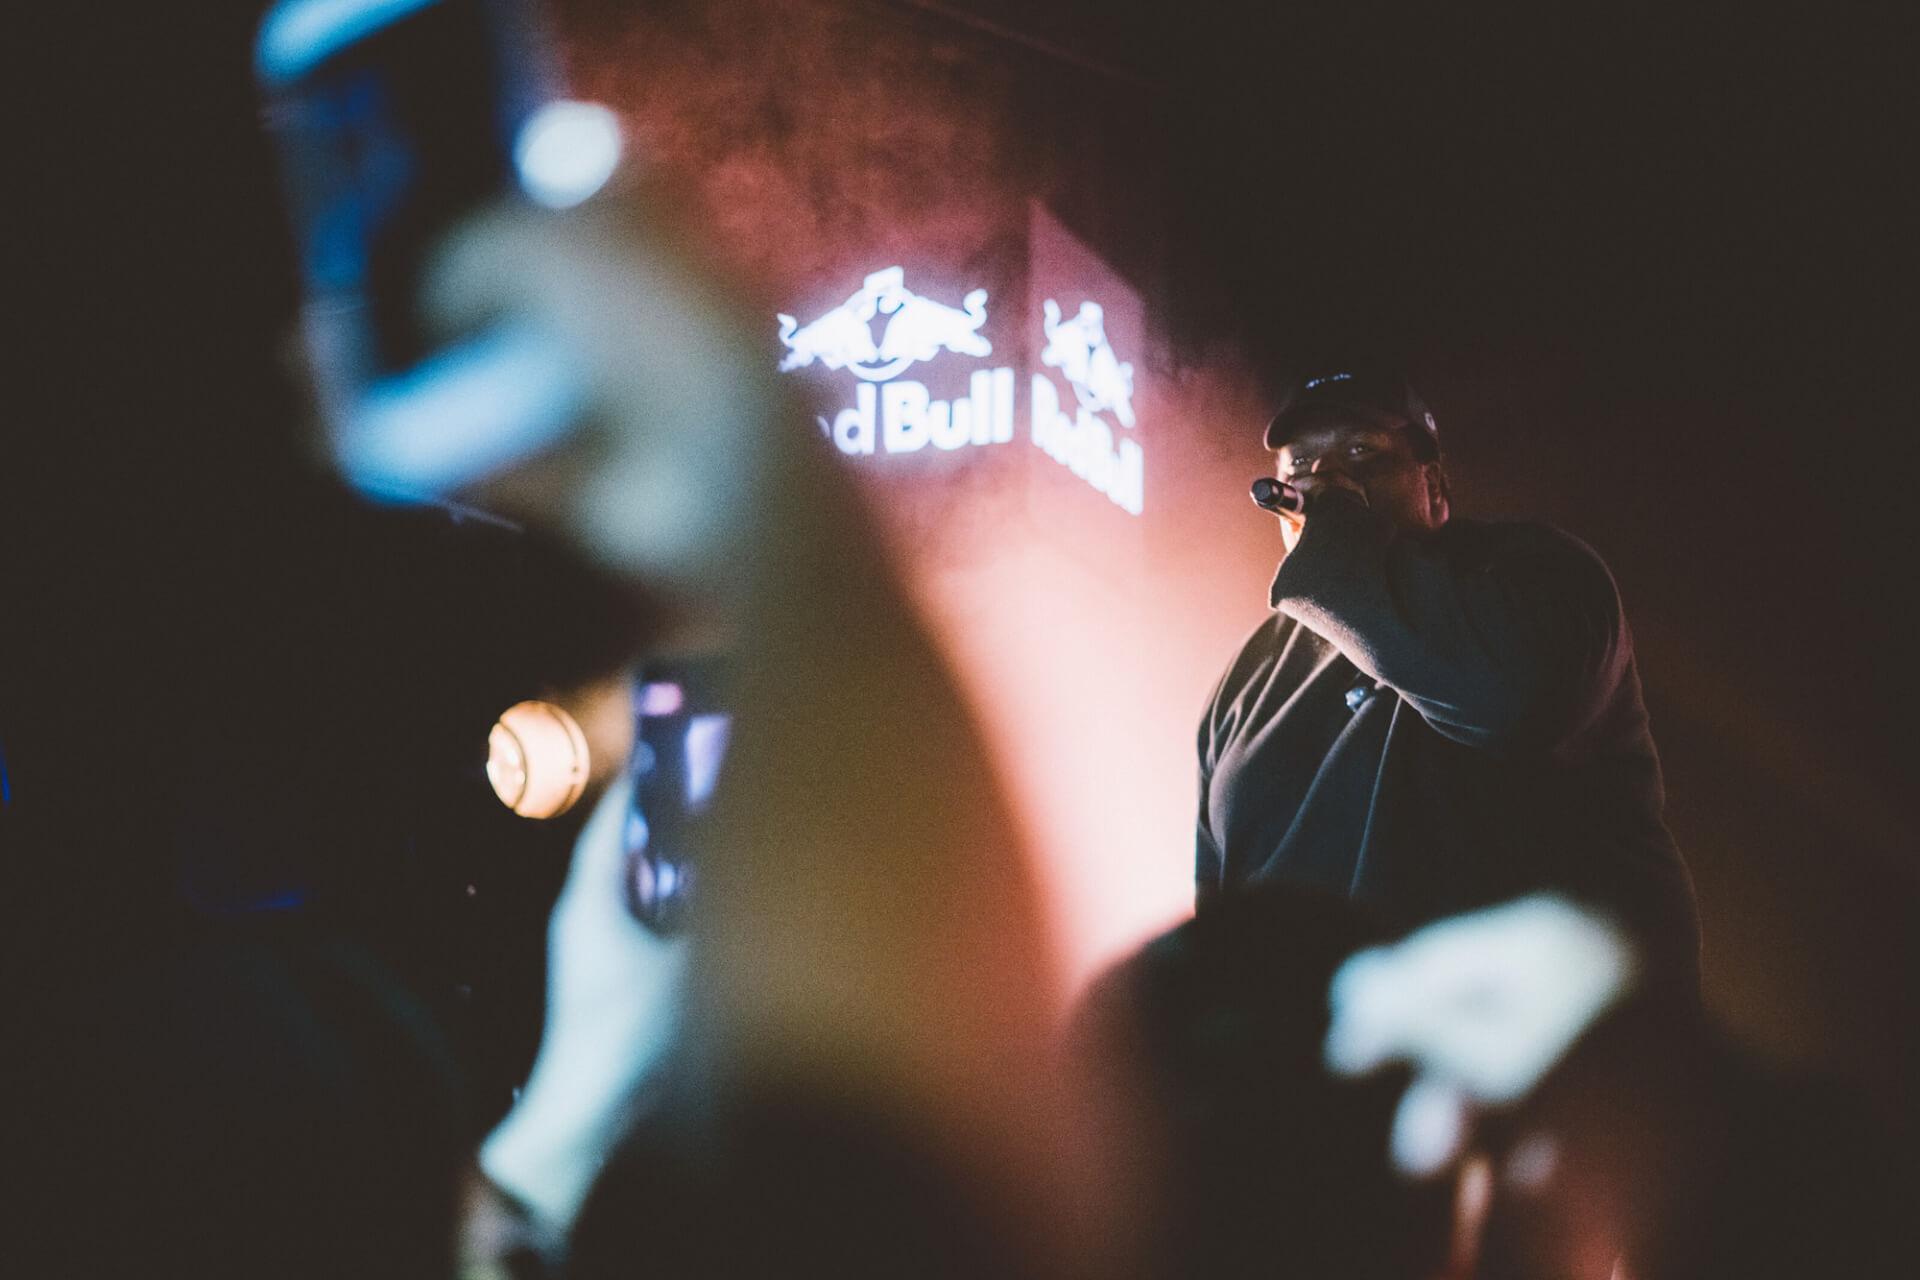 【レポート】RED BULL MUSIC FESTIVAL TOKYO AND 88RISING PRESENT:JAPAN RISING music190412-red-bull-music-festival-tokyo-2019-japan-rising-53